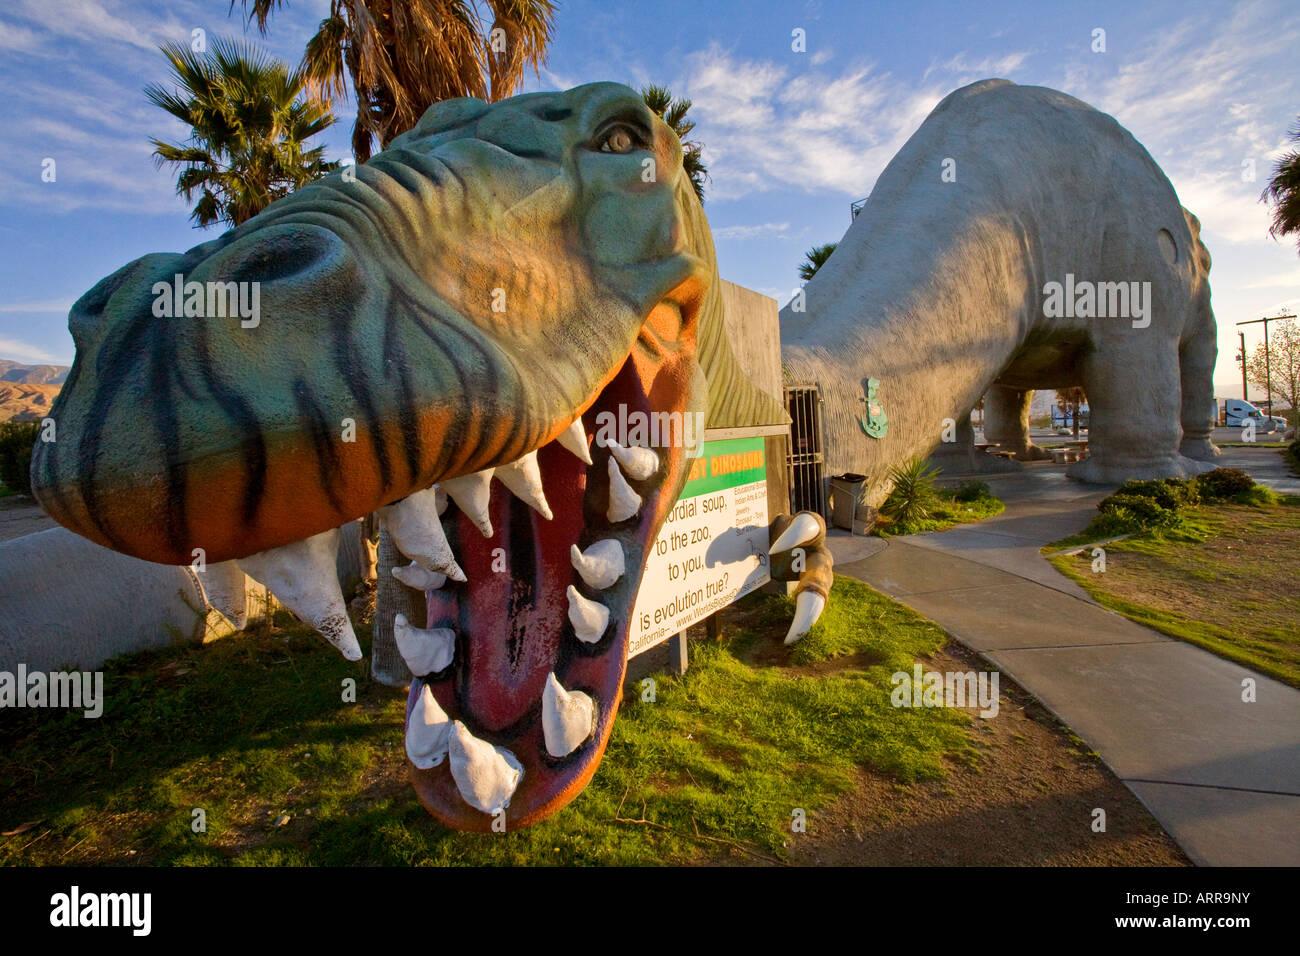 Répliques Cabazon Dinosaur Truck Stop Cabazon California USA Banque D'Images